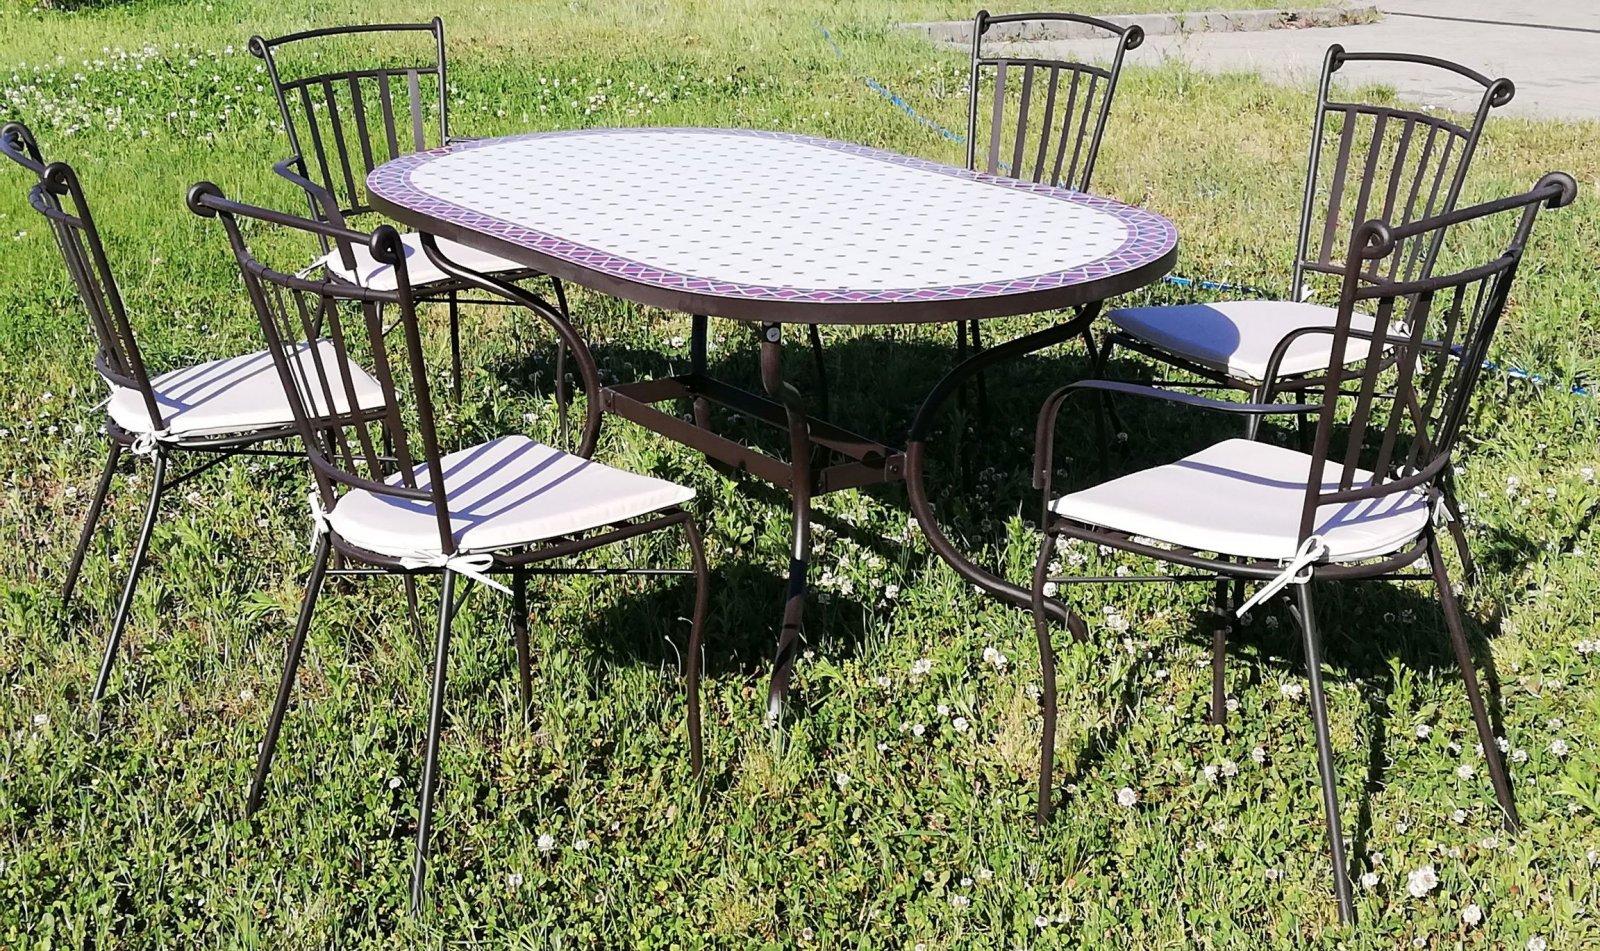 Fém kerti bútor garnitúra mozaiklapos asztal 1